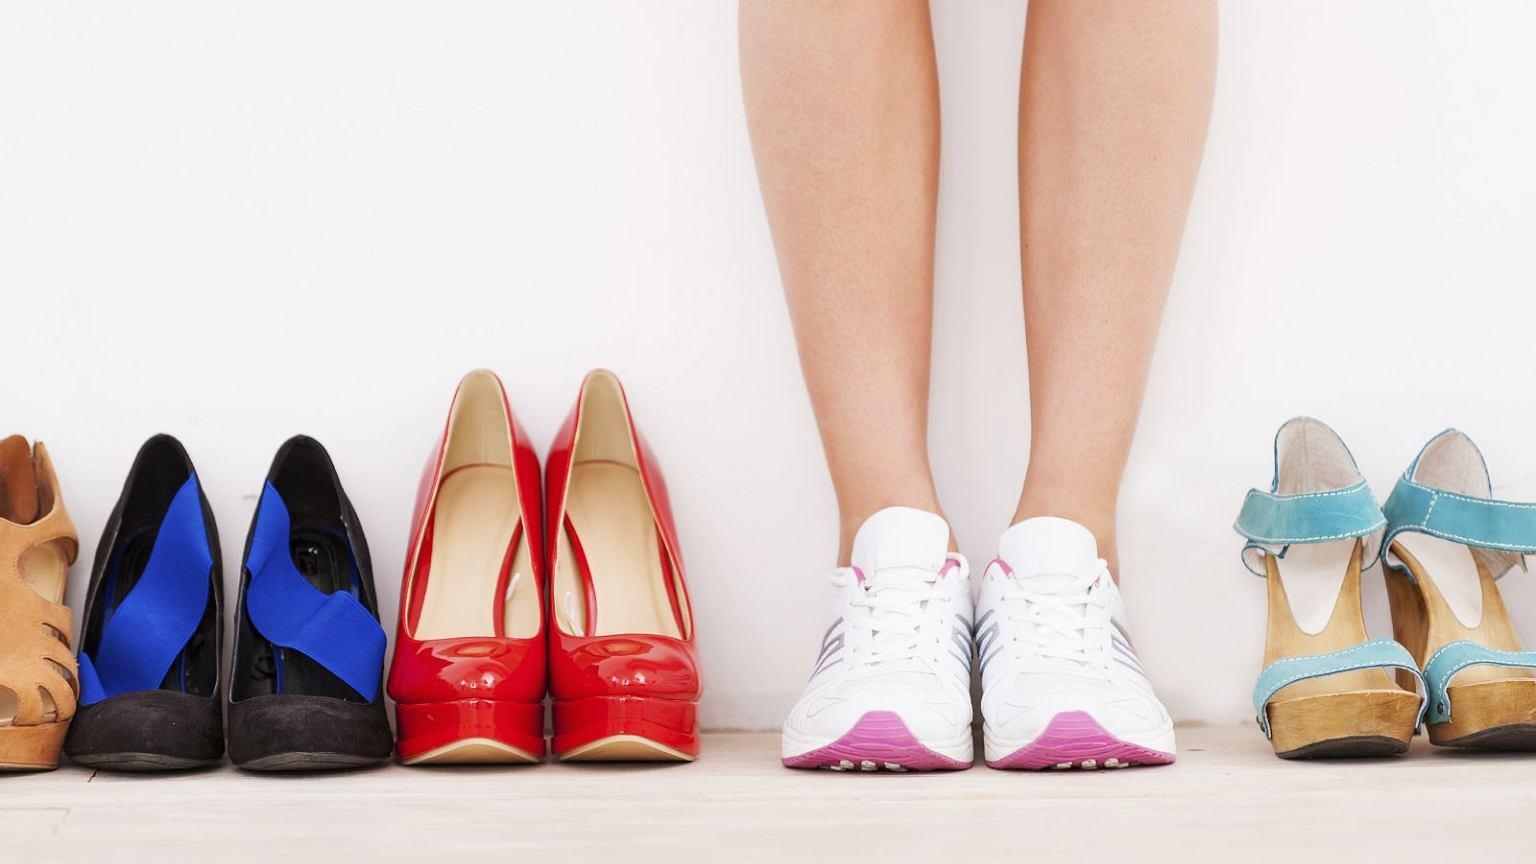 d347d5812f24a Wygodne buty to podstawa. Na co musisz zwrócić uwagę w trakcie zakupów?